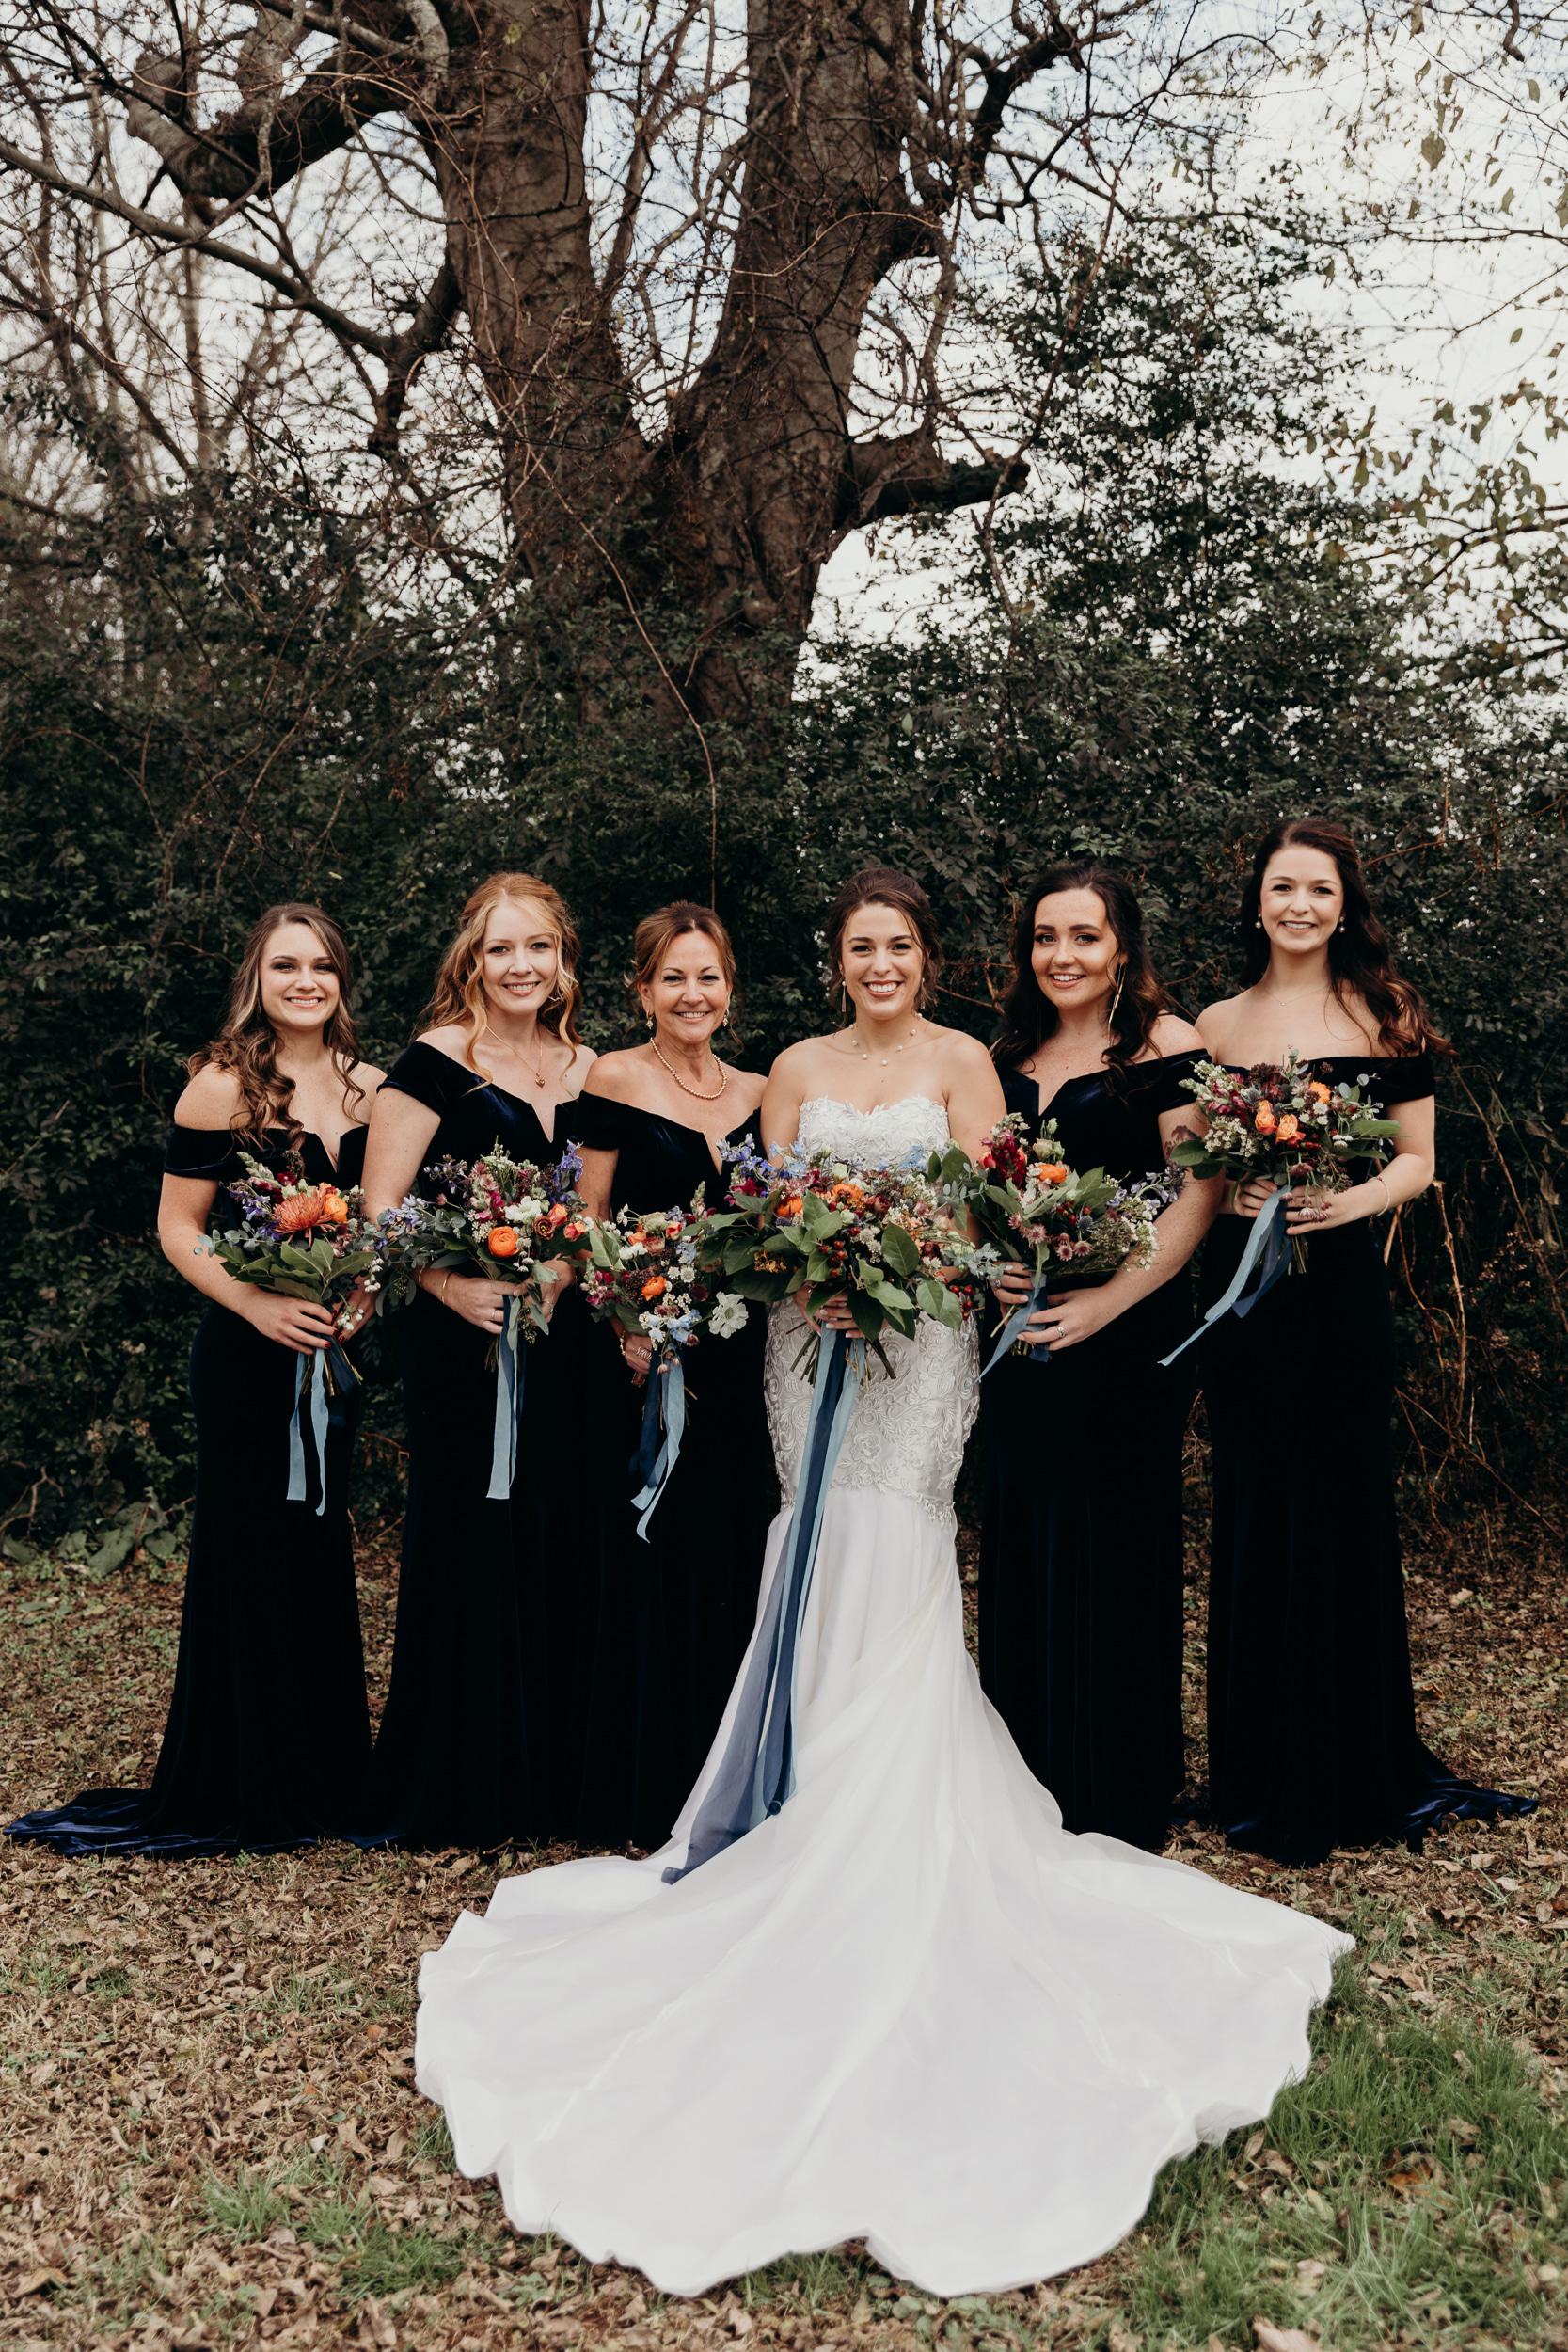 299-ltw-morgan-adam-wedding.jpg